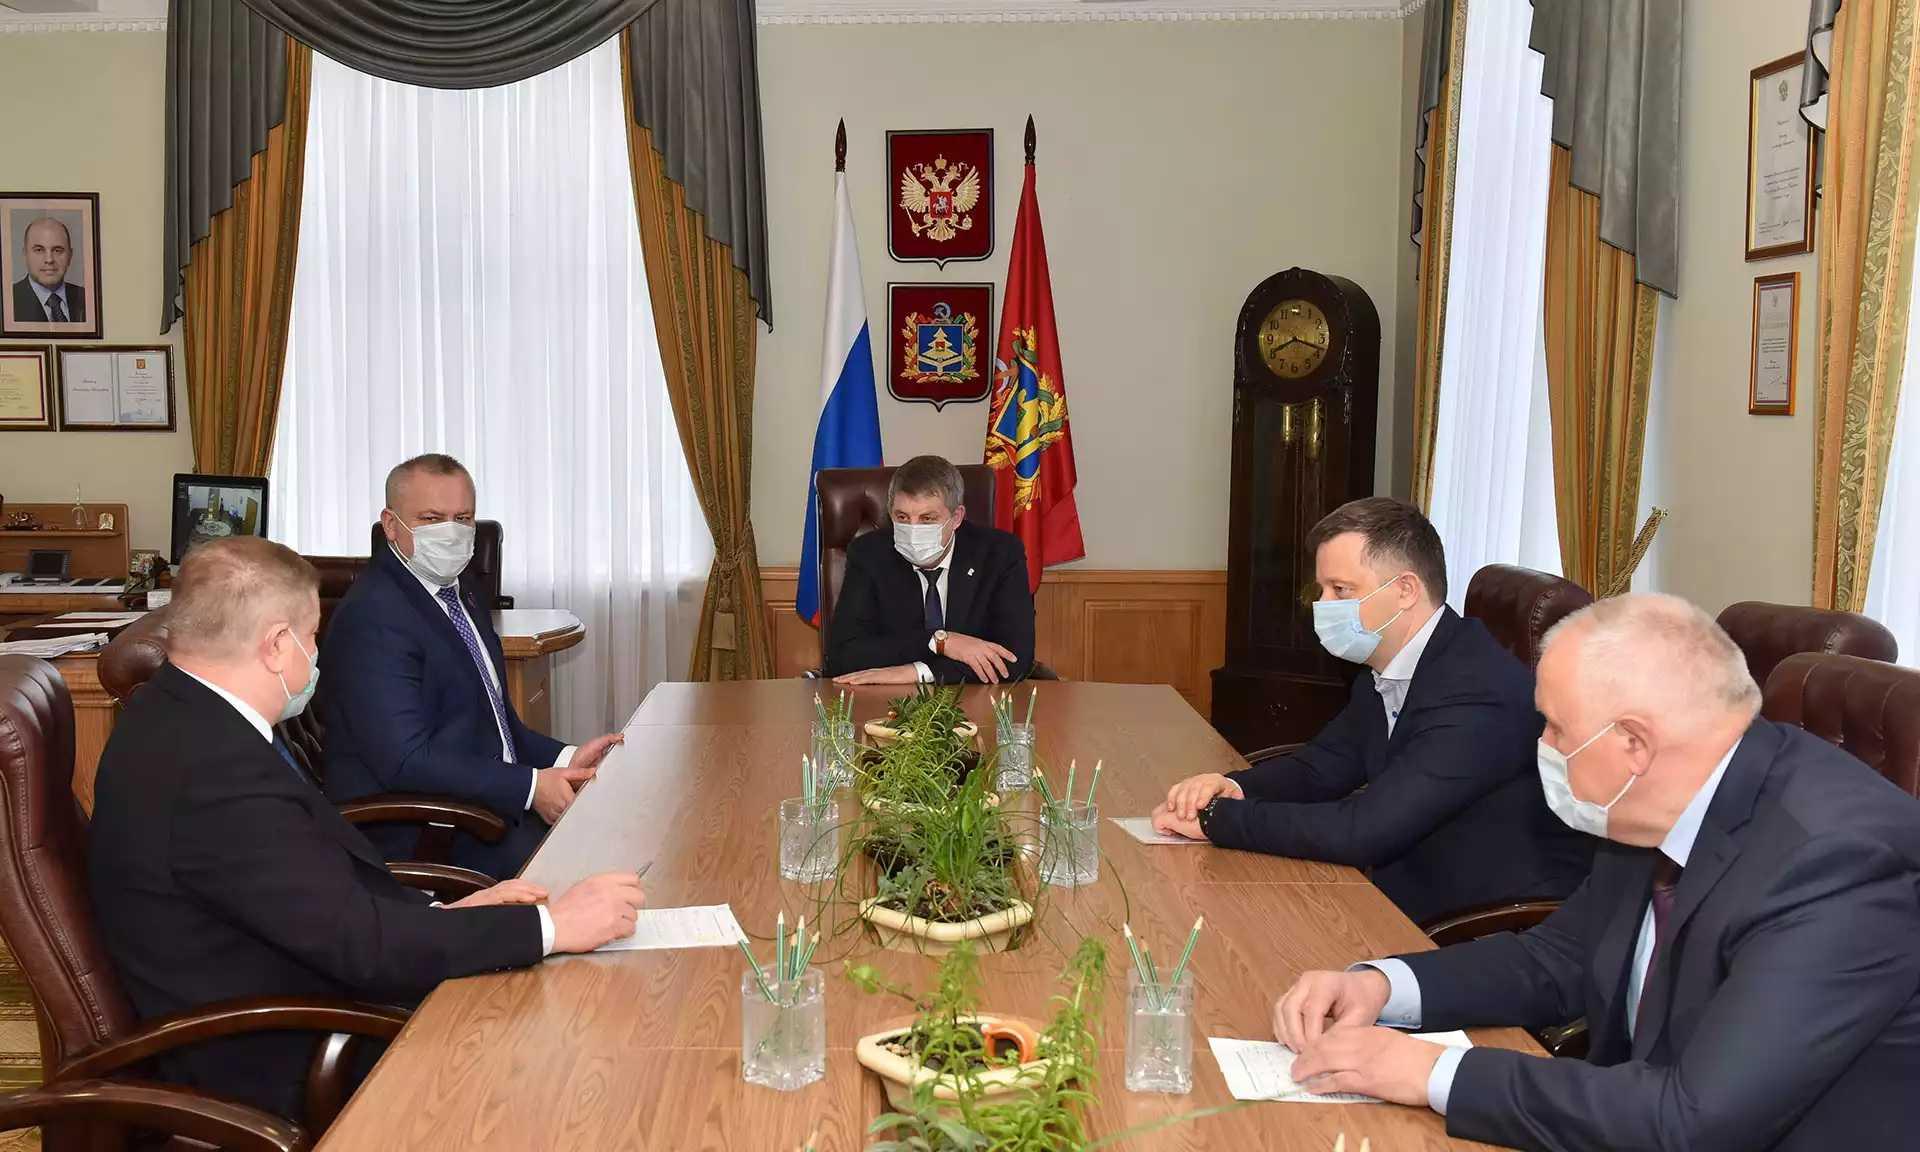 Брянский губернатор Богомаз встретился с главой компании «Веломоторс»